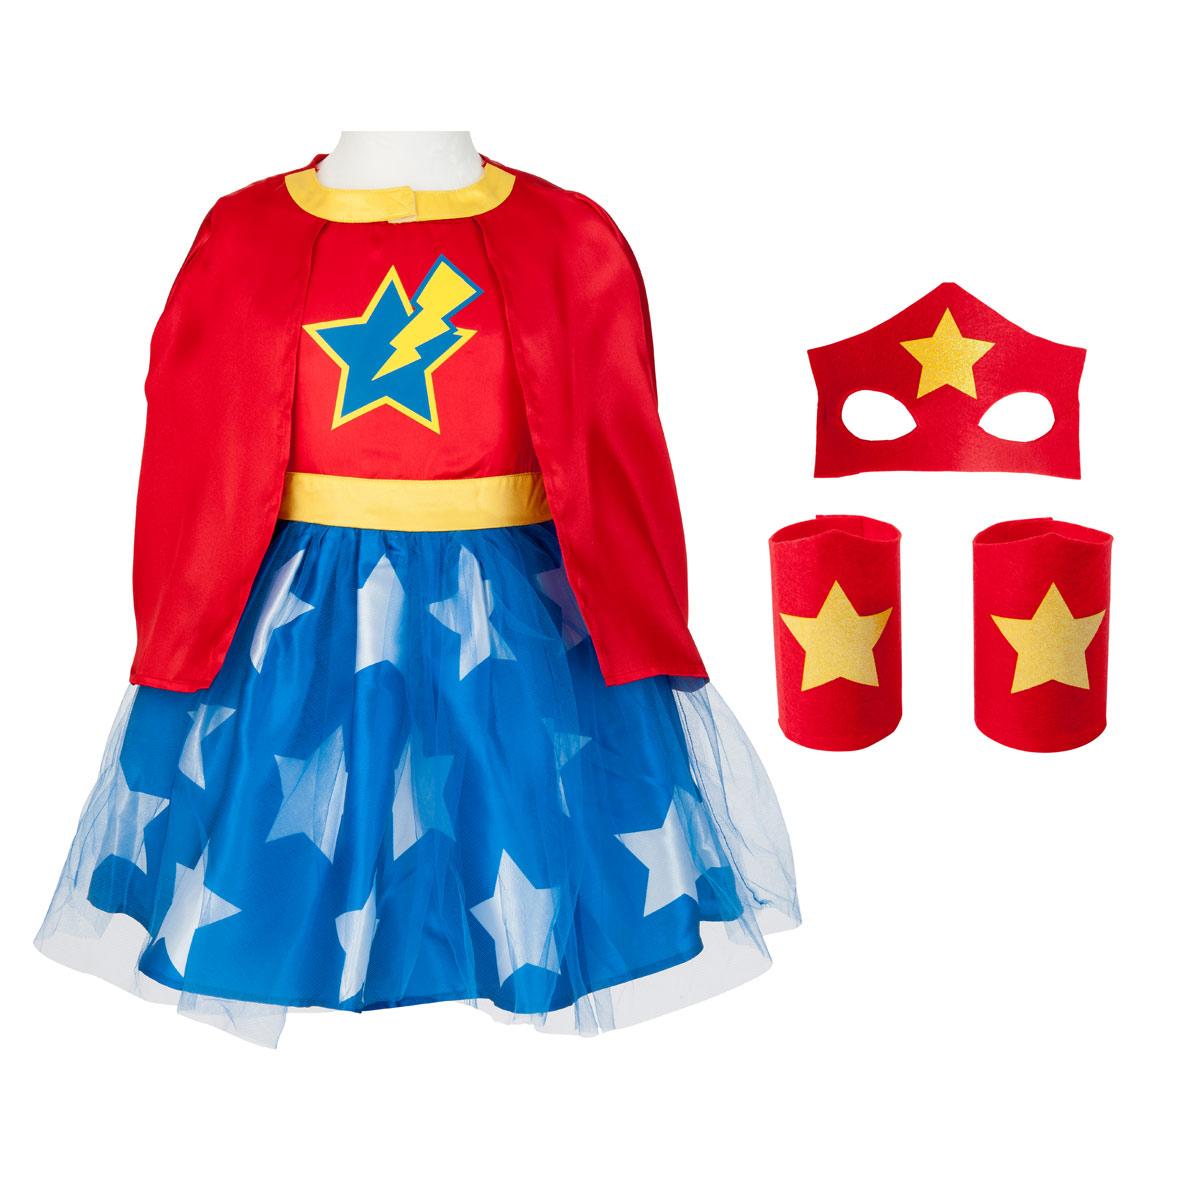 Déguisement Super Girl Héros 3-5 Ans à Jeux Gratuit Pour Garçon De 5 Ans